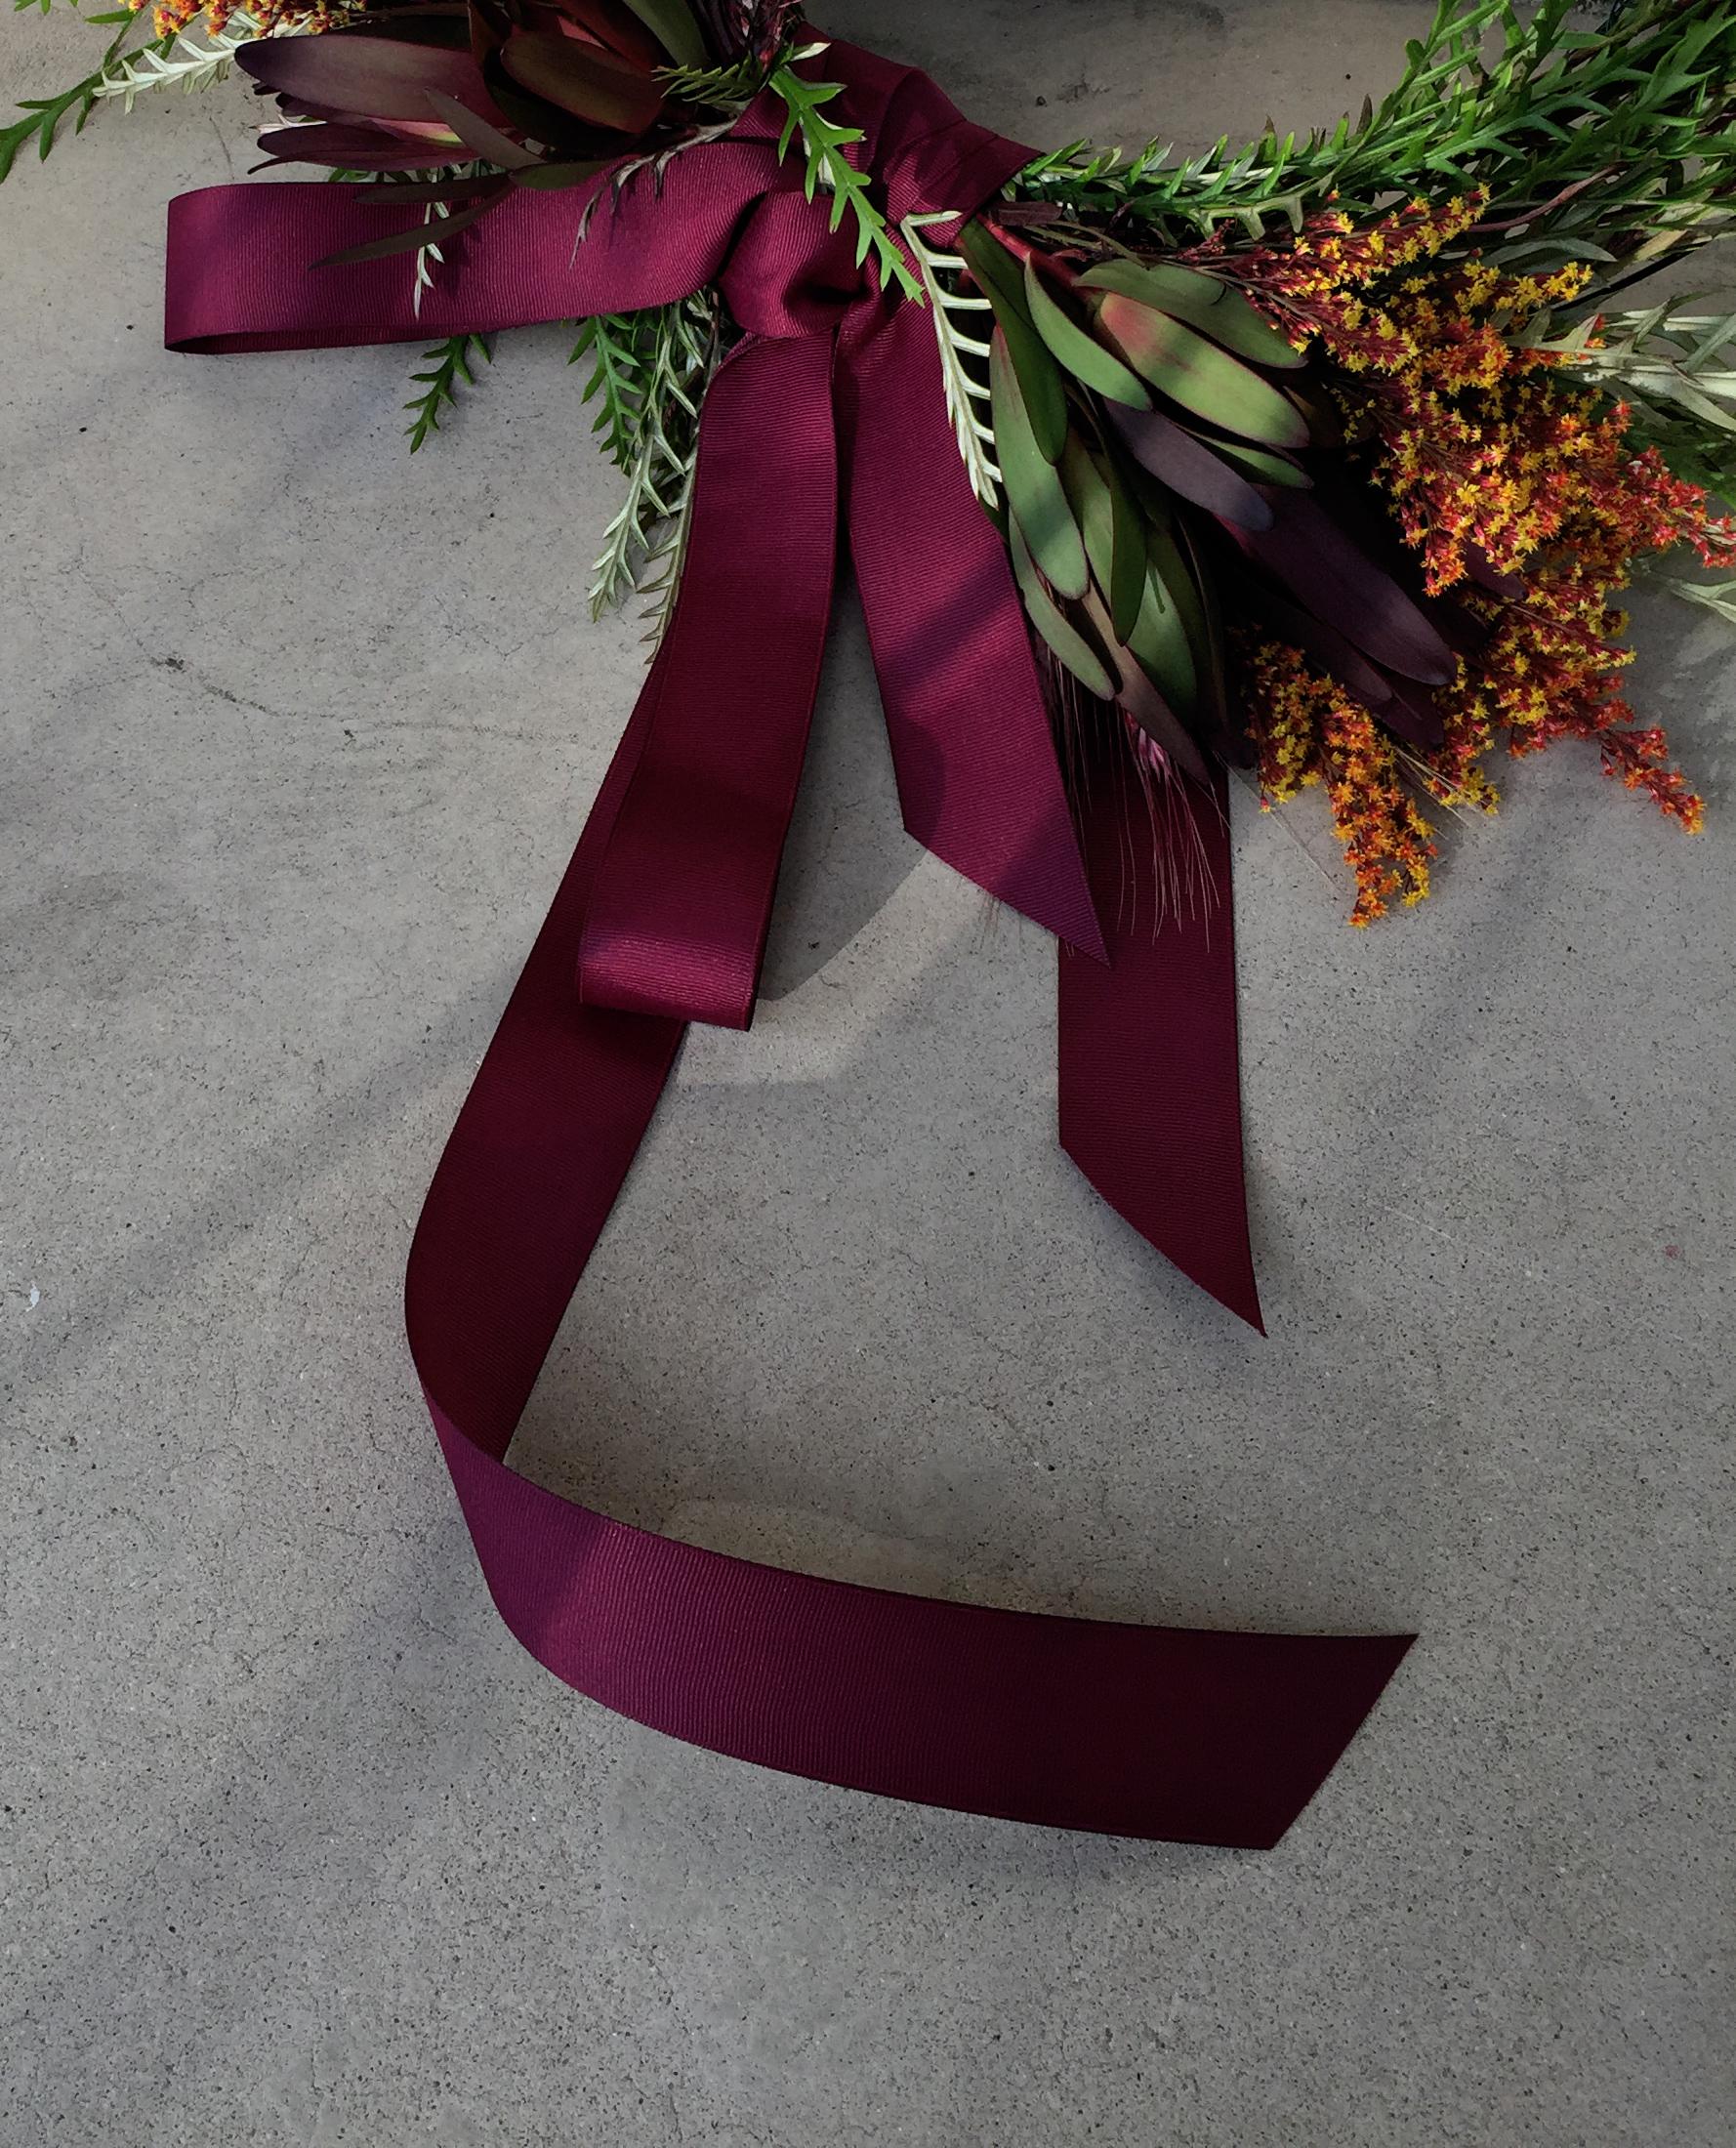 AHR FLorals Fall Wreaths